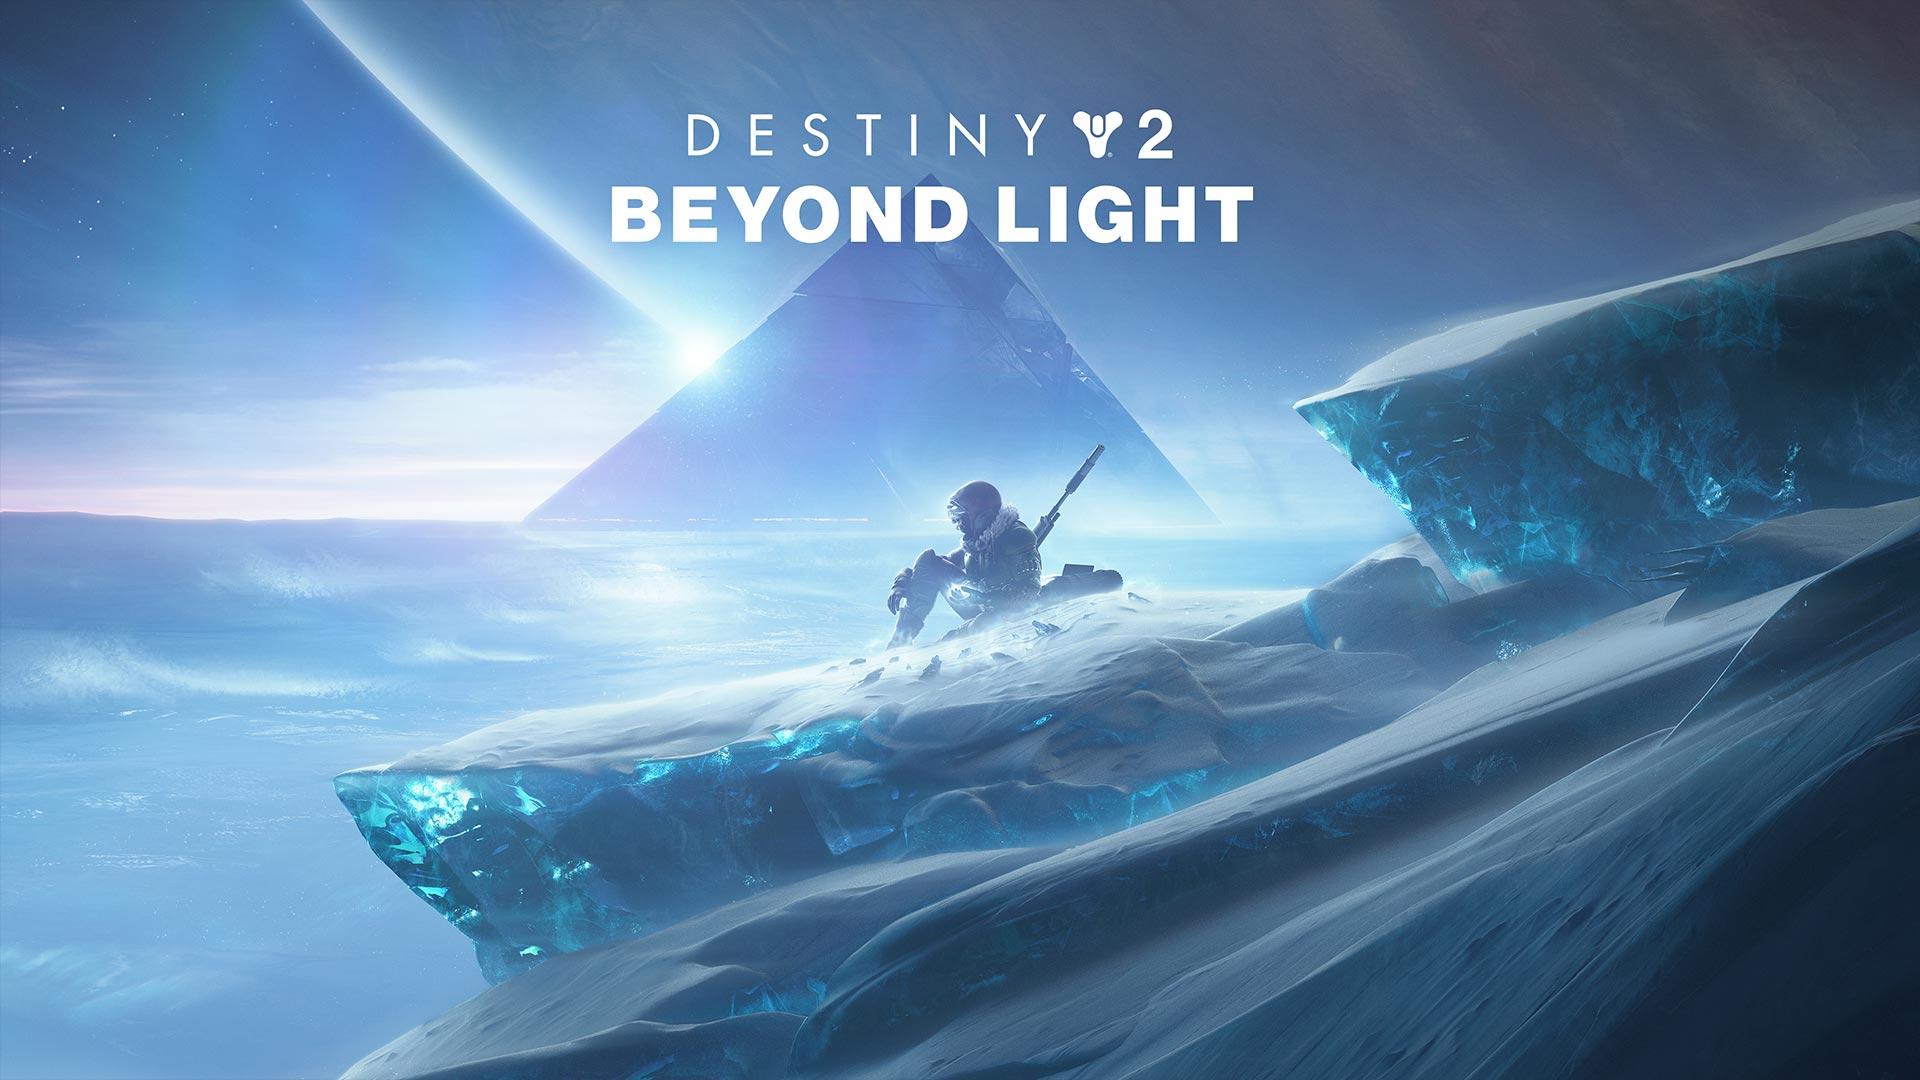 大型DLC「光の超越」が11月11日リリース!Destiny 2の世界がもっと広がる!